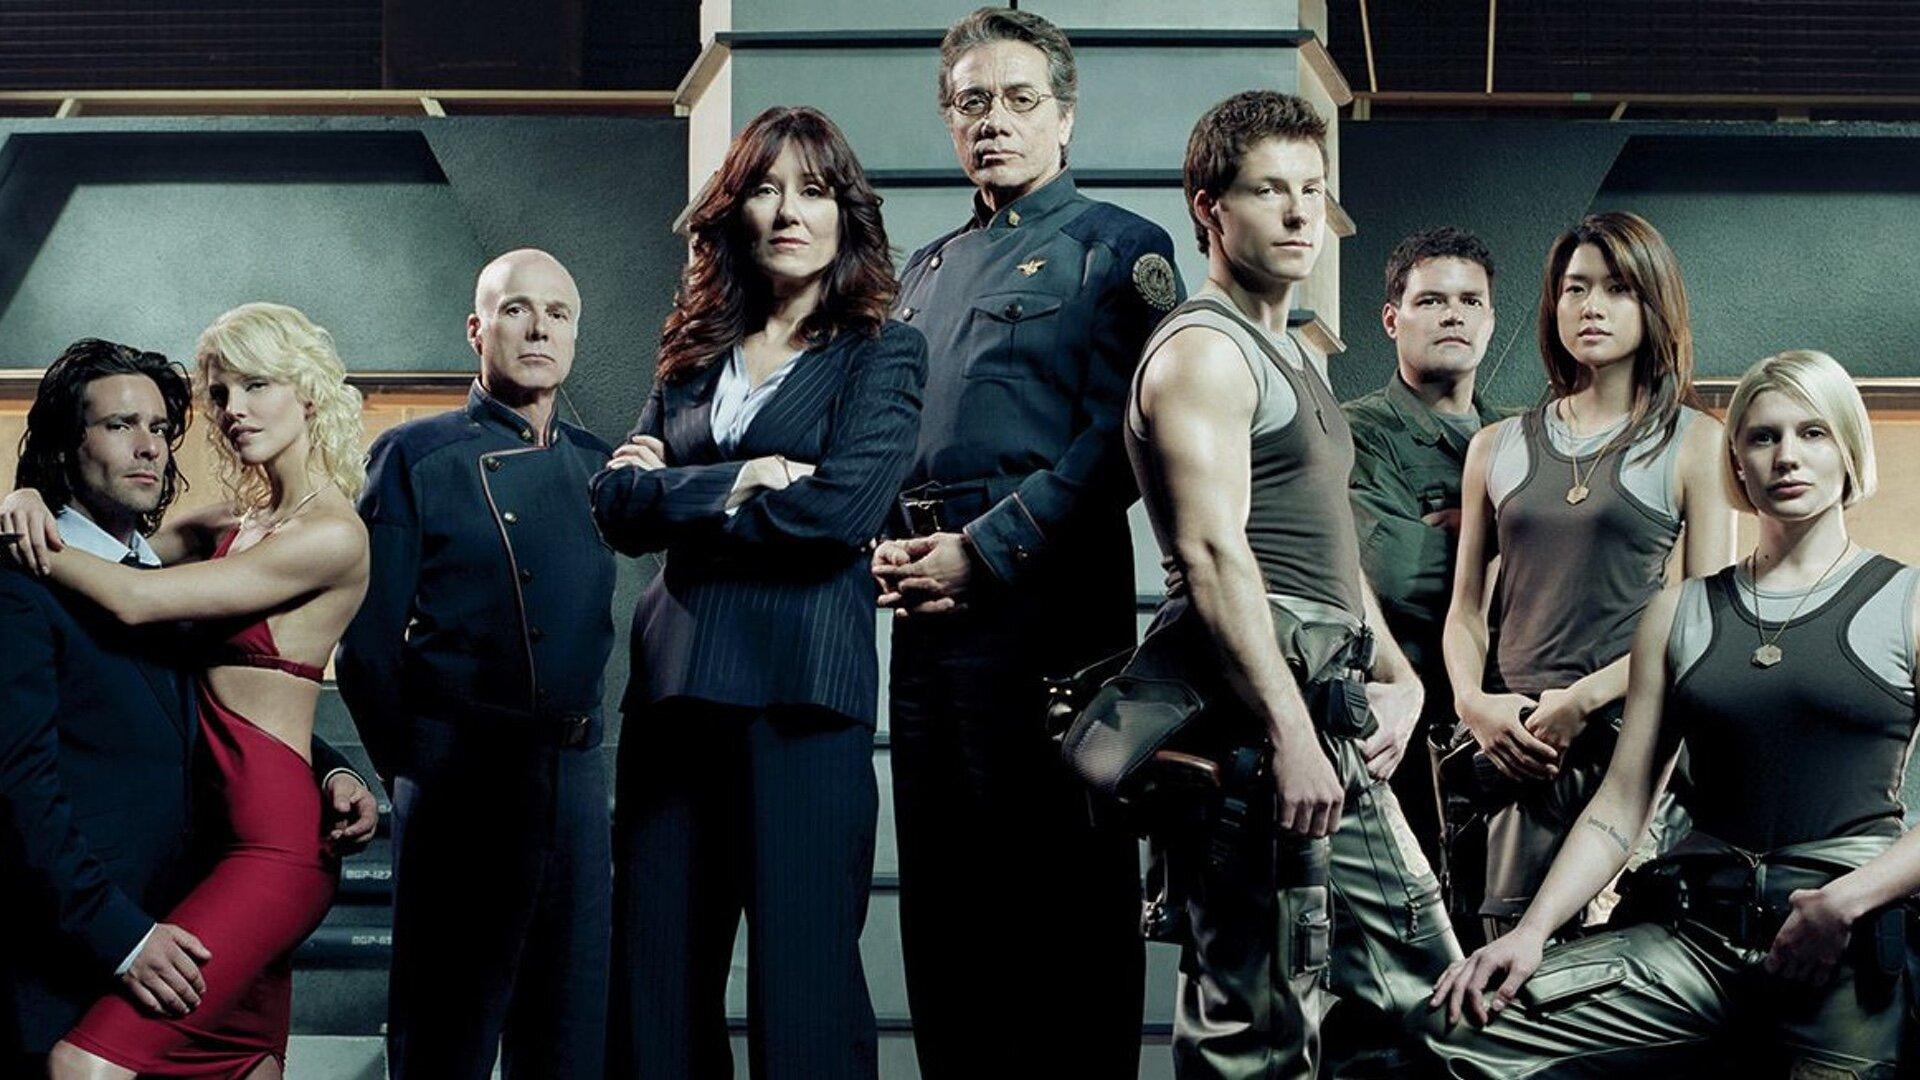 Battlestar Galactica filmi geliyor